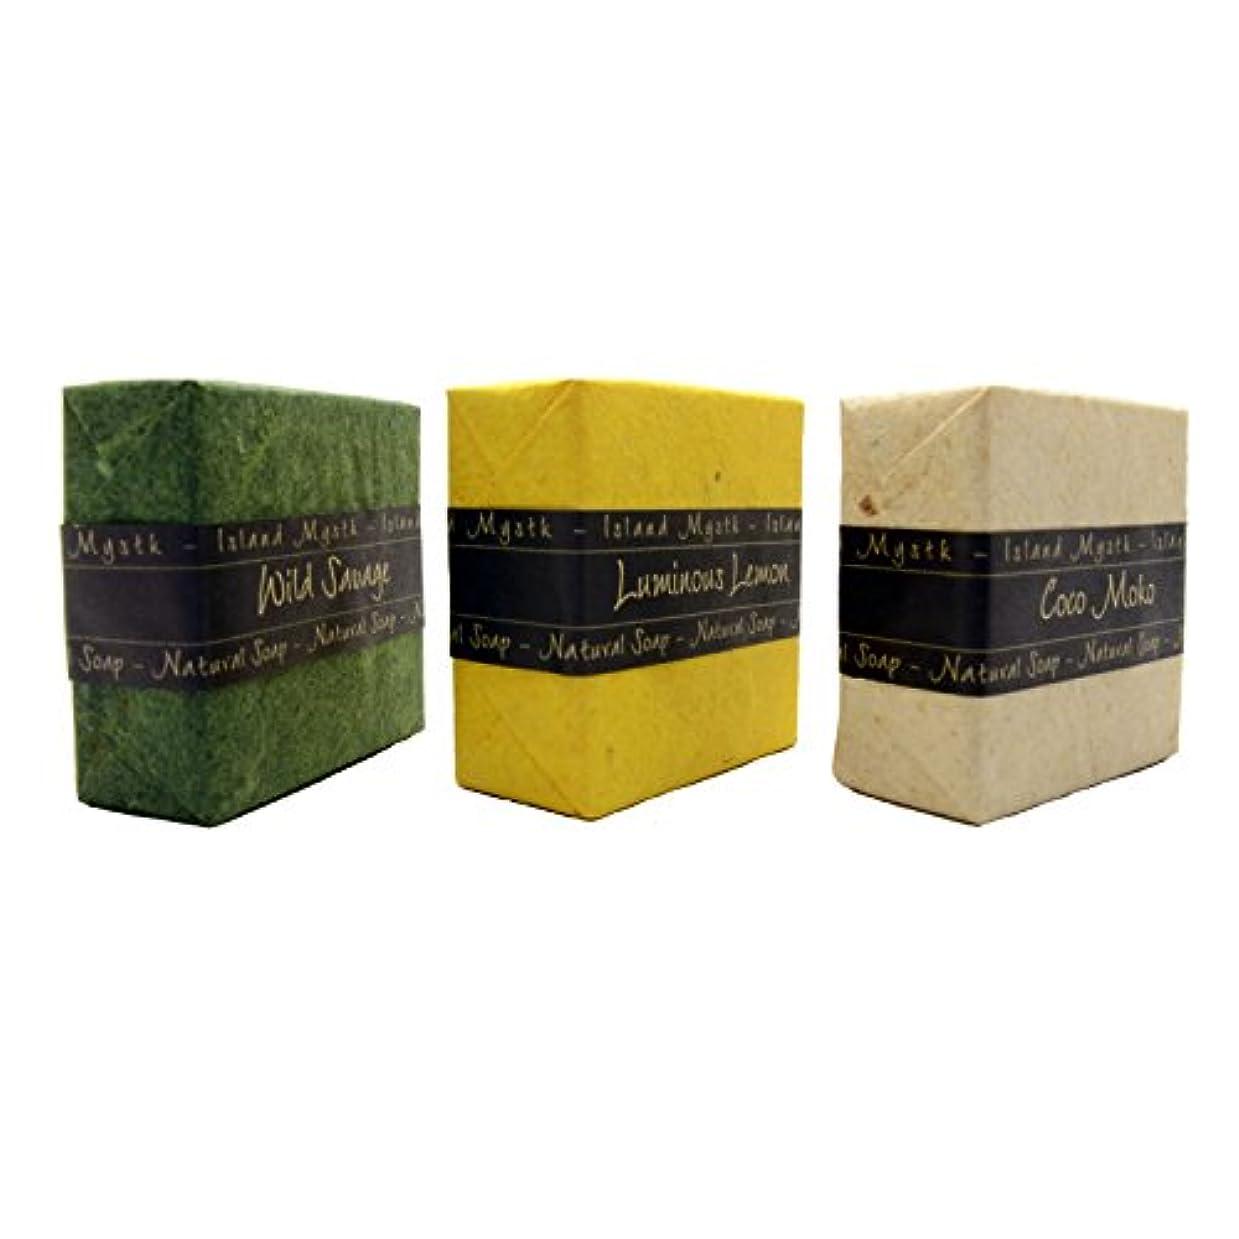 助言する変位期限アイランドミスティック 3個セット 緑黄白 115g×3 ココナッツ石鹸 バリ島 Island Mystk 天然素材100% 無添加 オーガニック